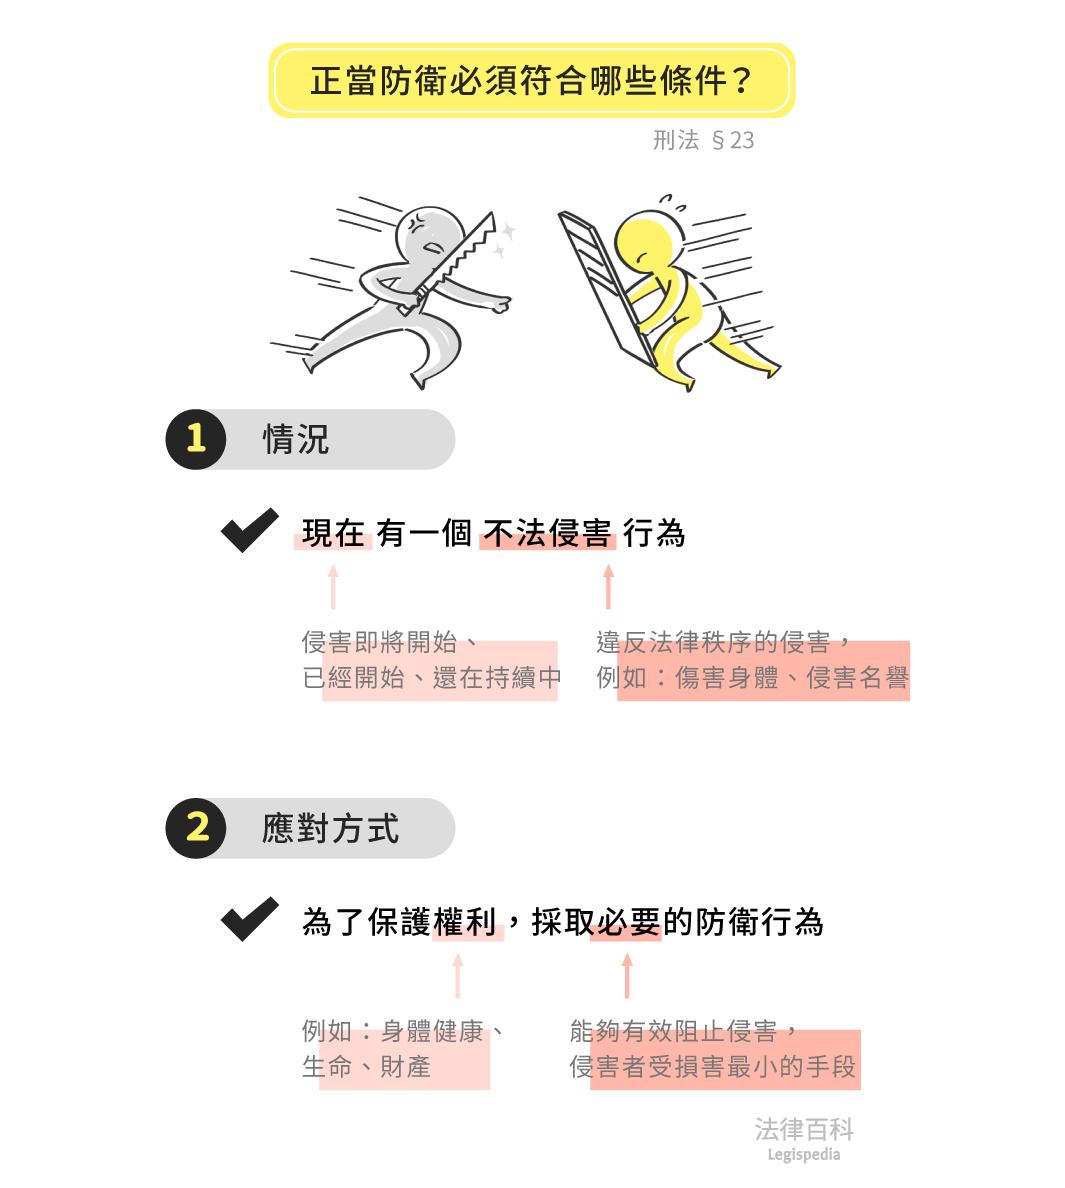 圖1 正當防衛必須符合哪些條件?||資料來源:洪偉修 / 繪圖:Yen